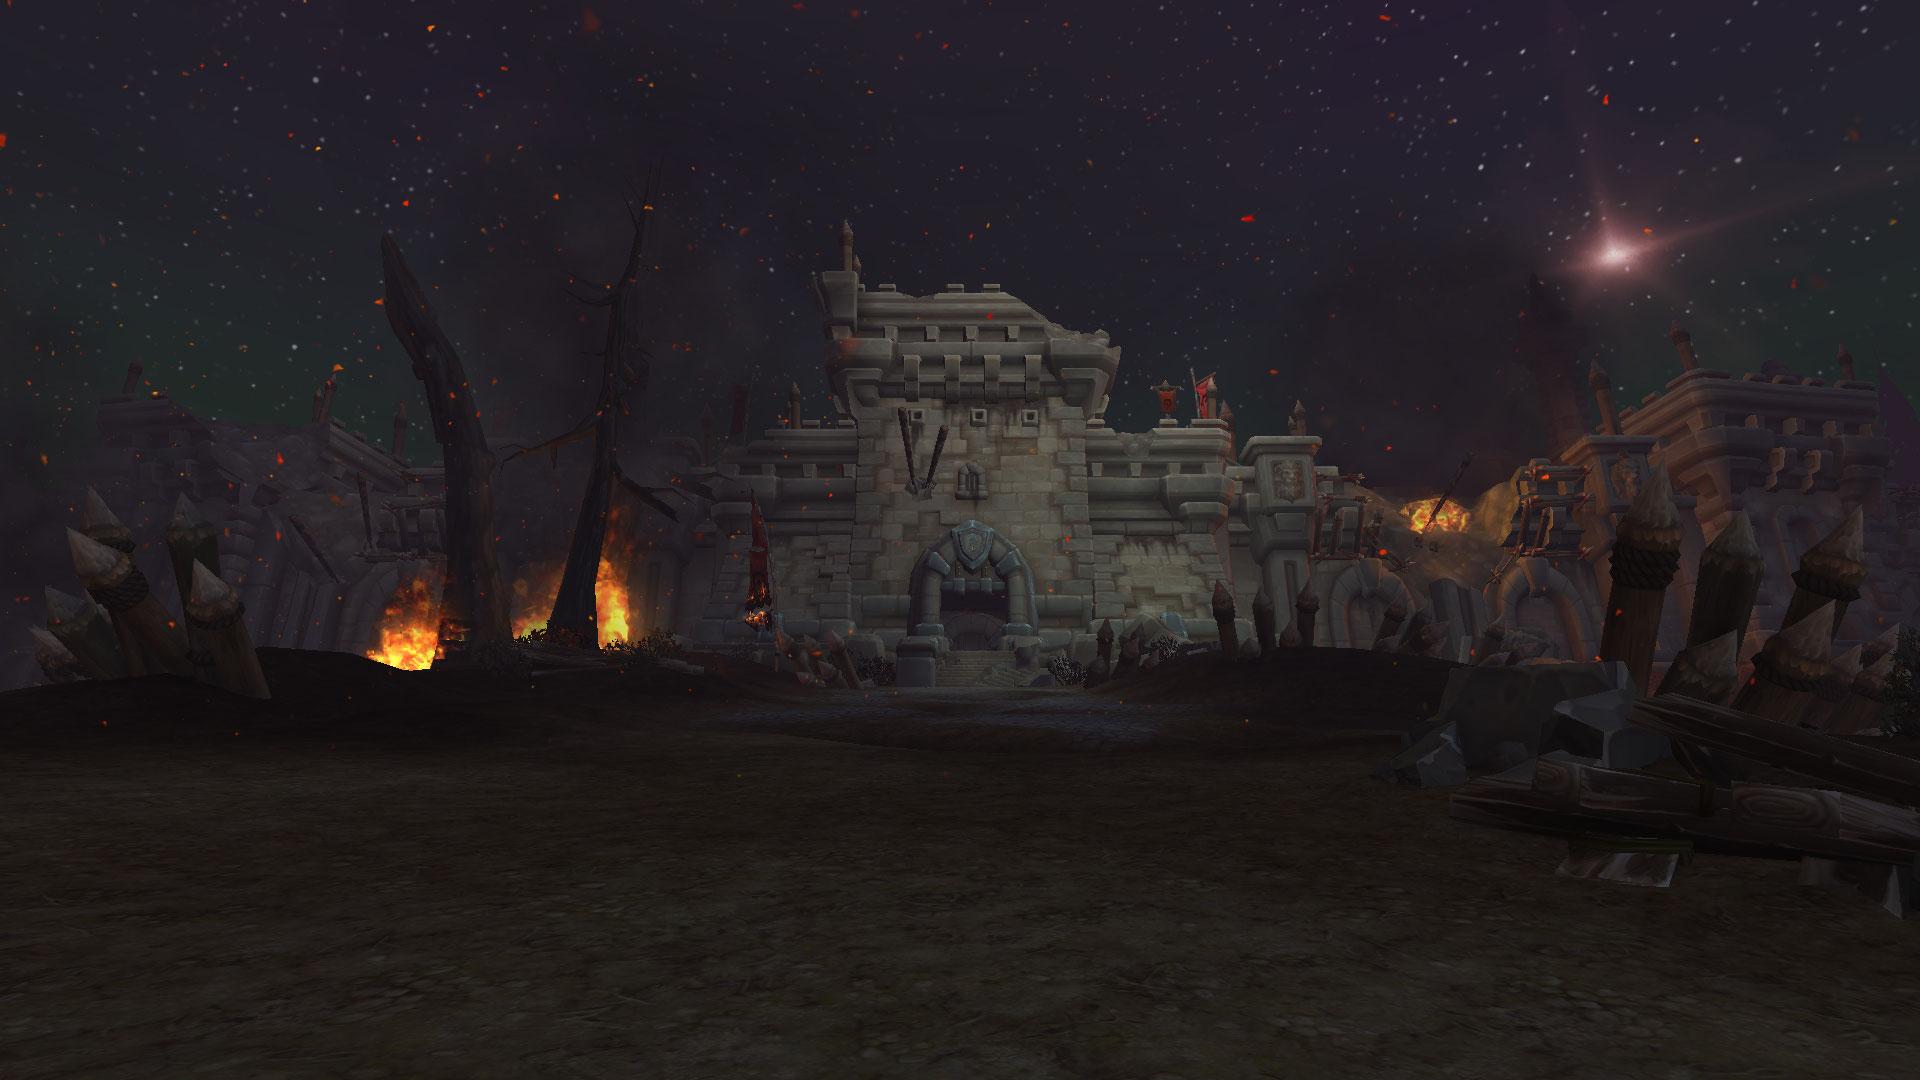 La Bataille de Lordaeron sort environ une semaine avant Battle for Azeroth